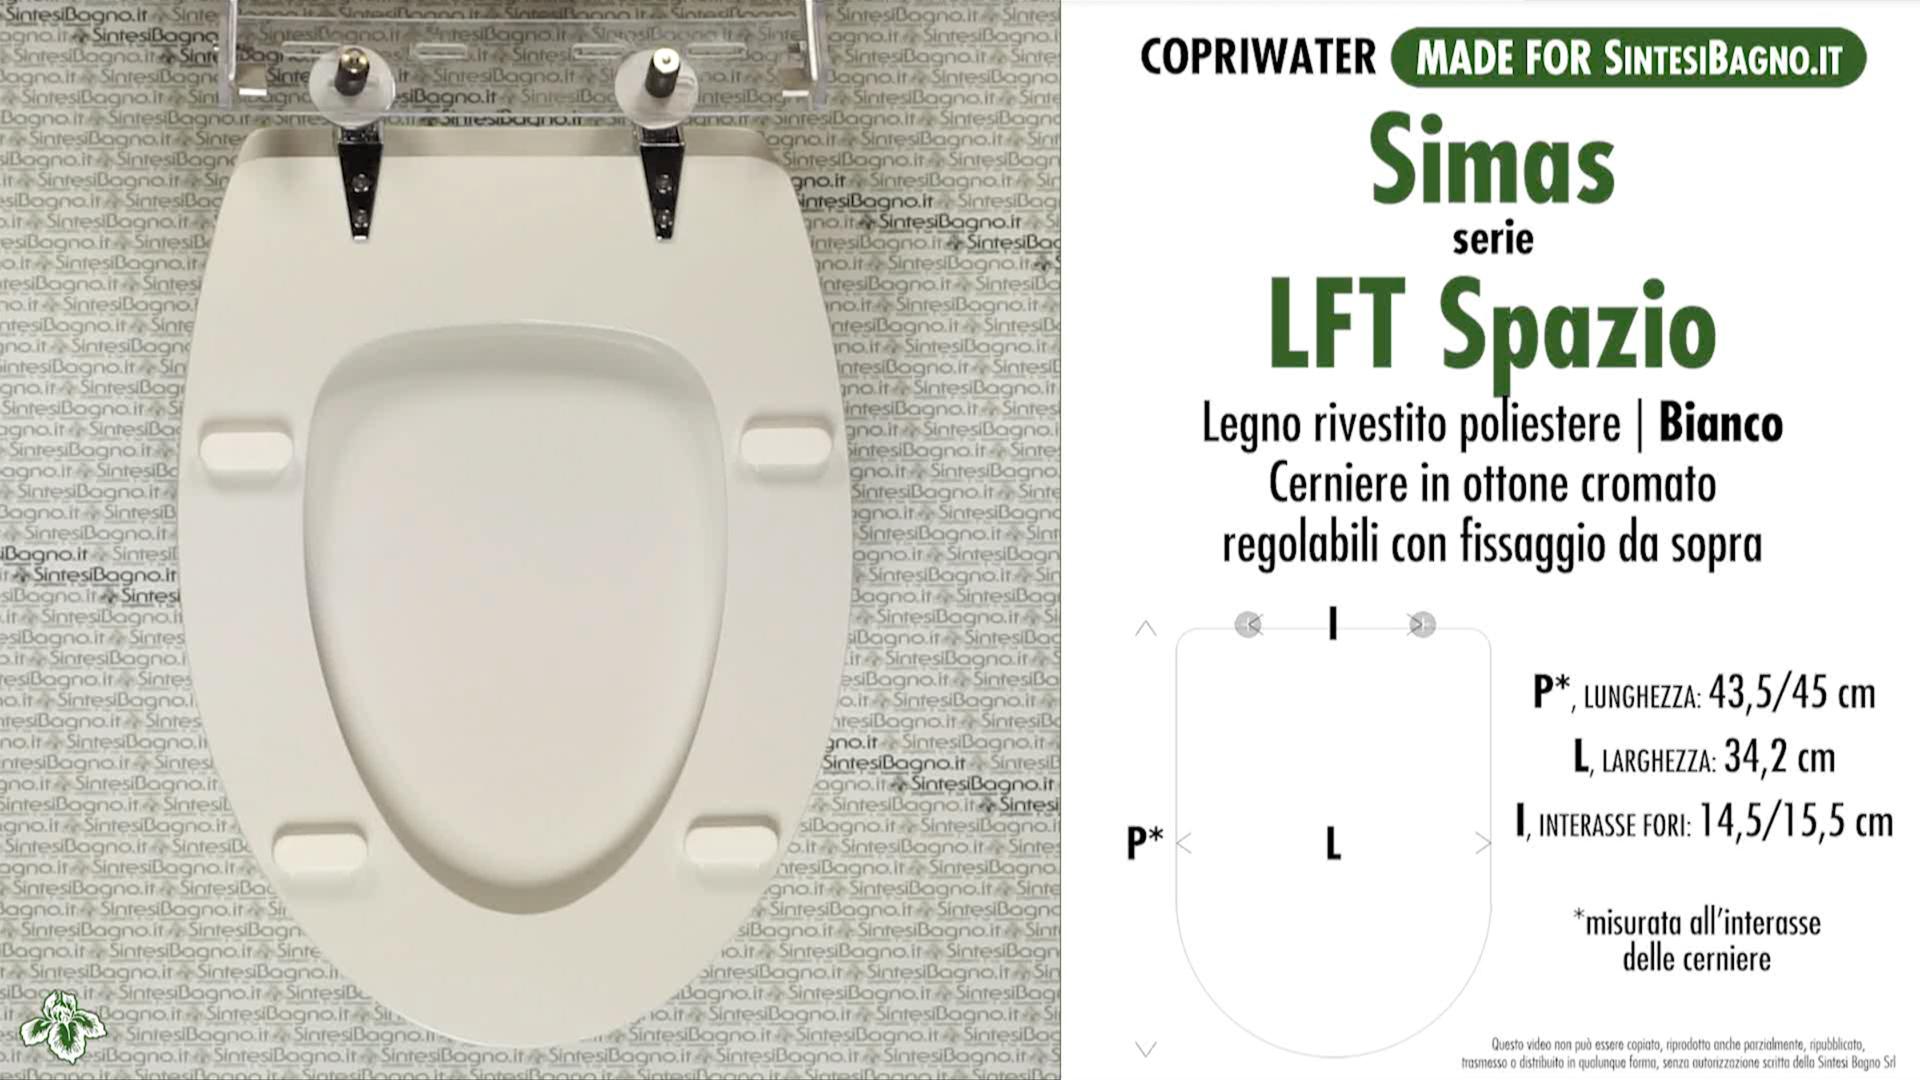 SCHEDA TECNICA MISURE copriwater SIMAS LFT SPAZIO